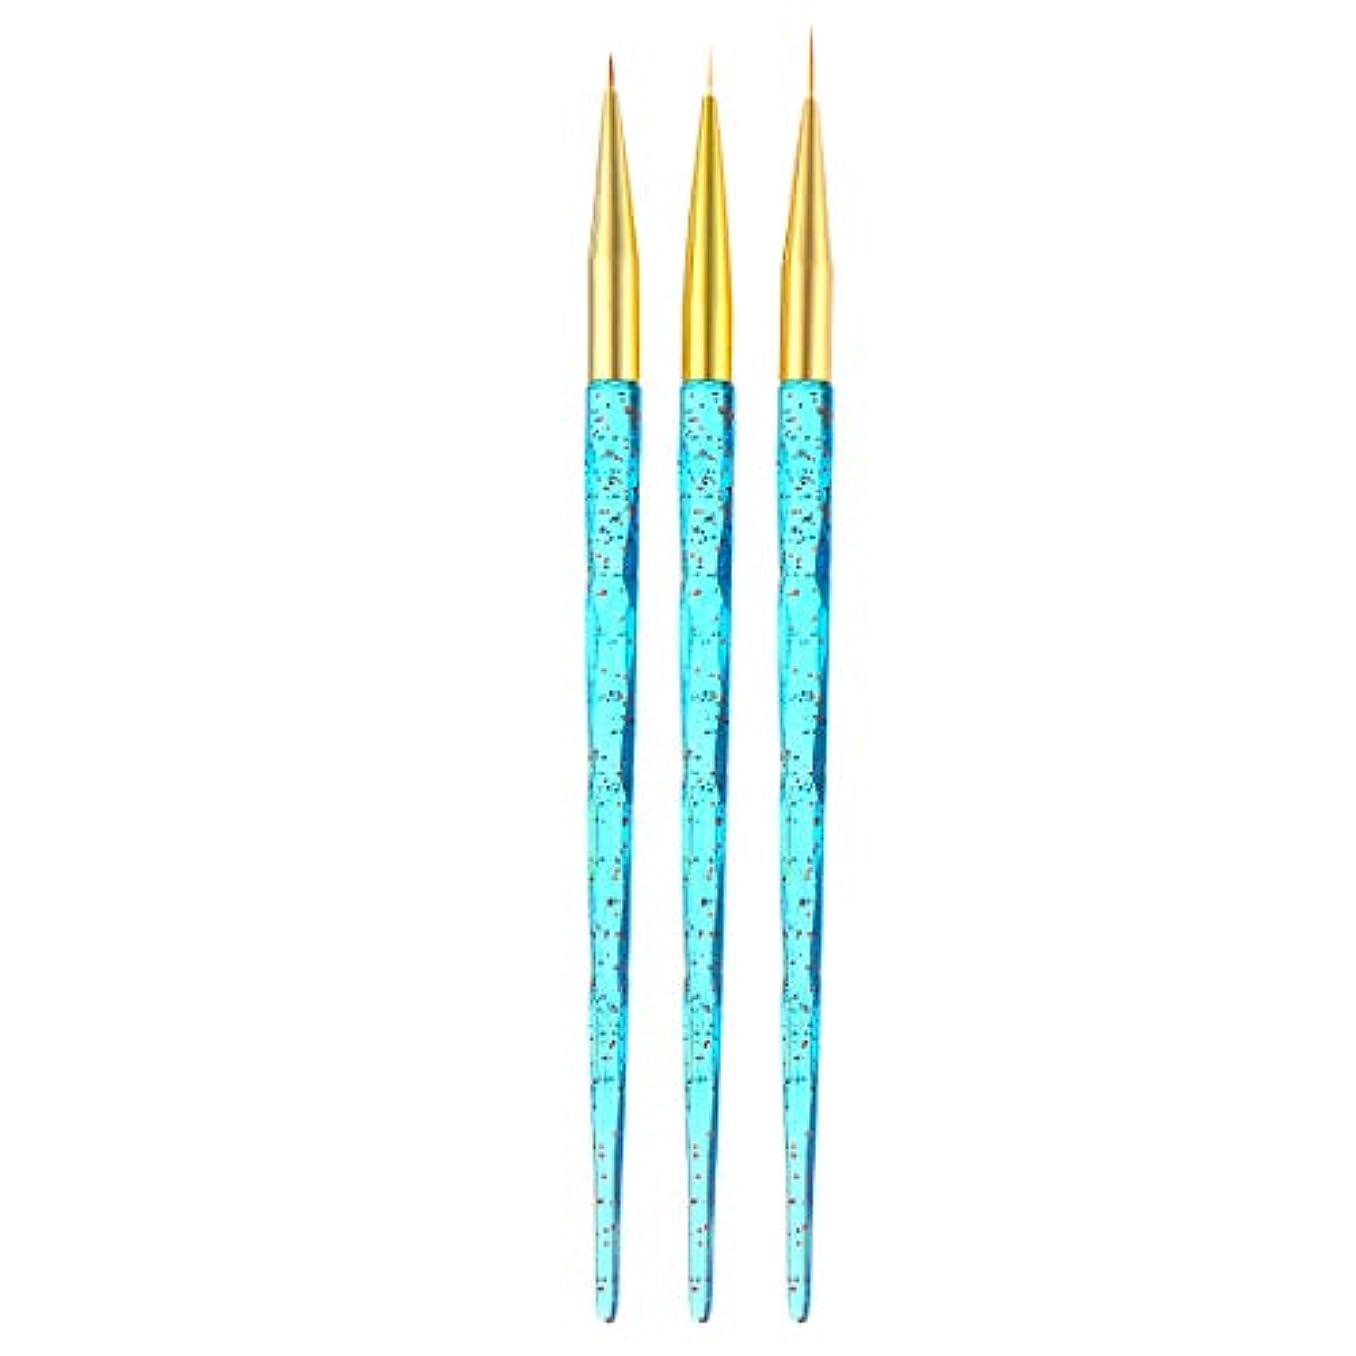 くるくる狭い持ってるTOOGOO 3ピース/セット、ネイルアート、クリスタルのハンドル、フレンチのフラワーのデザイン、ライン、ライナー、グリッド、絵画描画ブラシUv ジェルのペン、マニキュアのツール